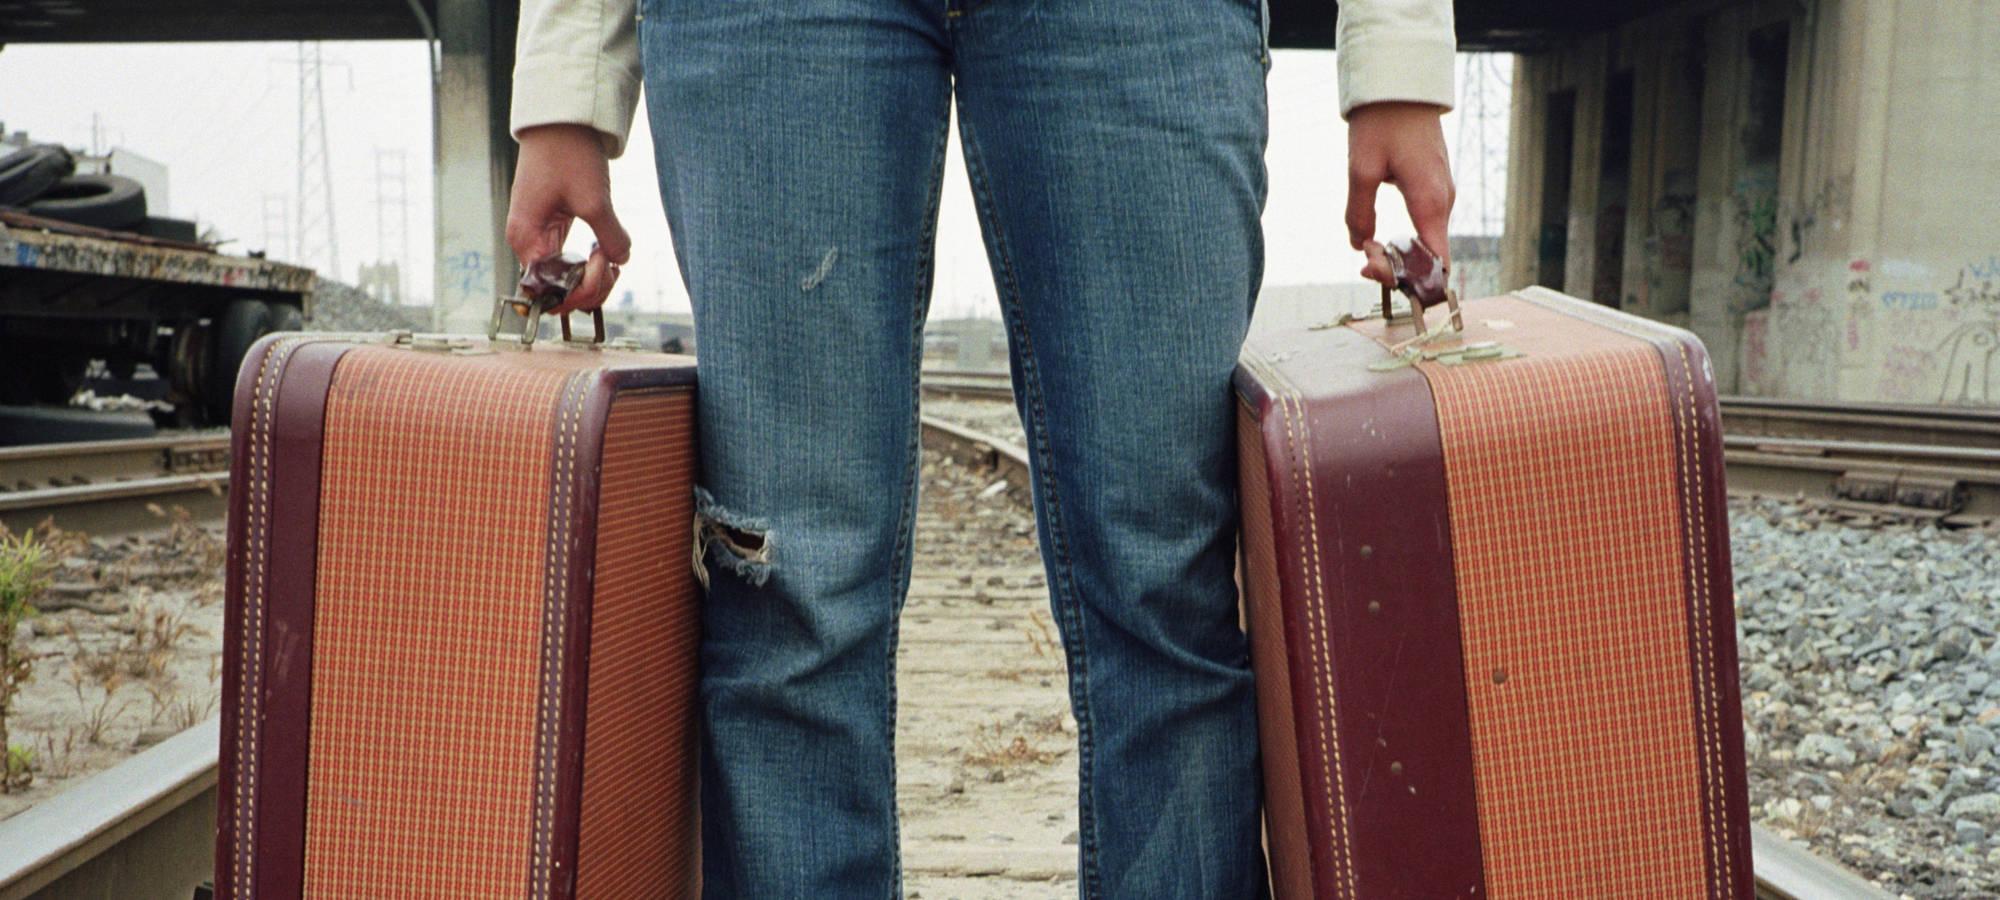 Frau mit Koffer am Bahngleis